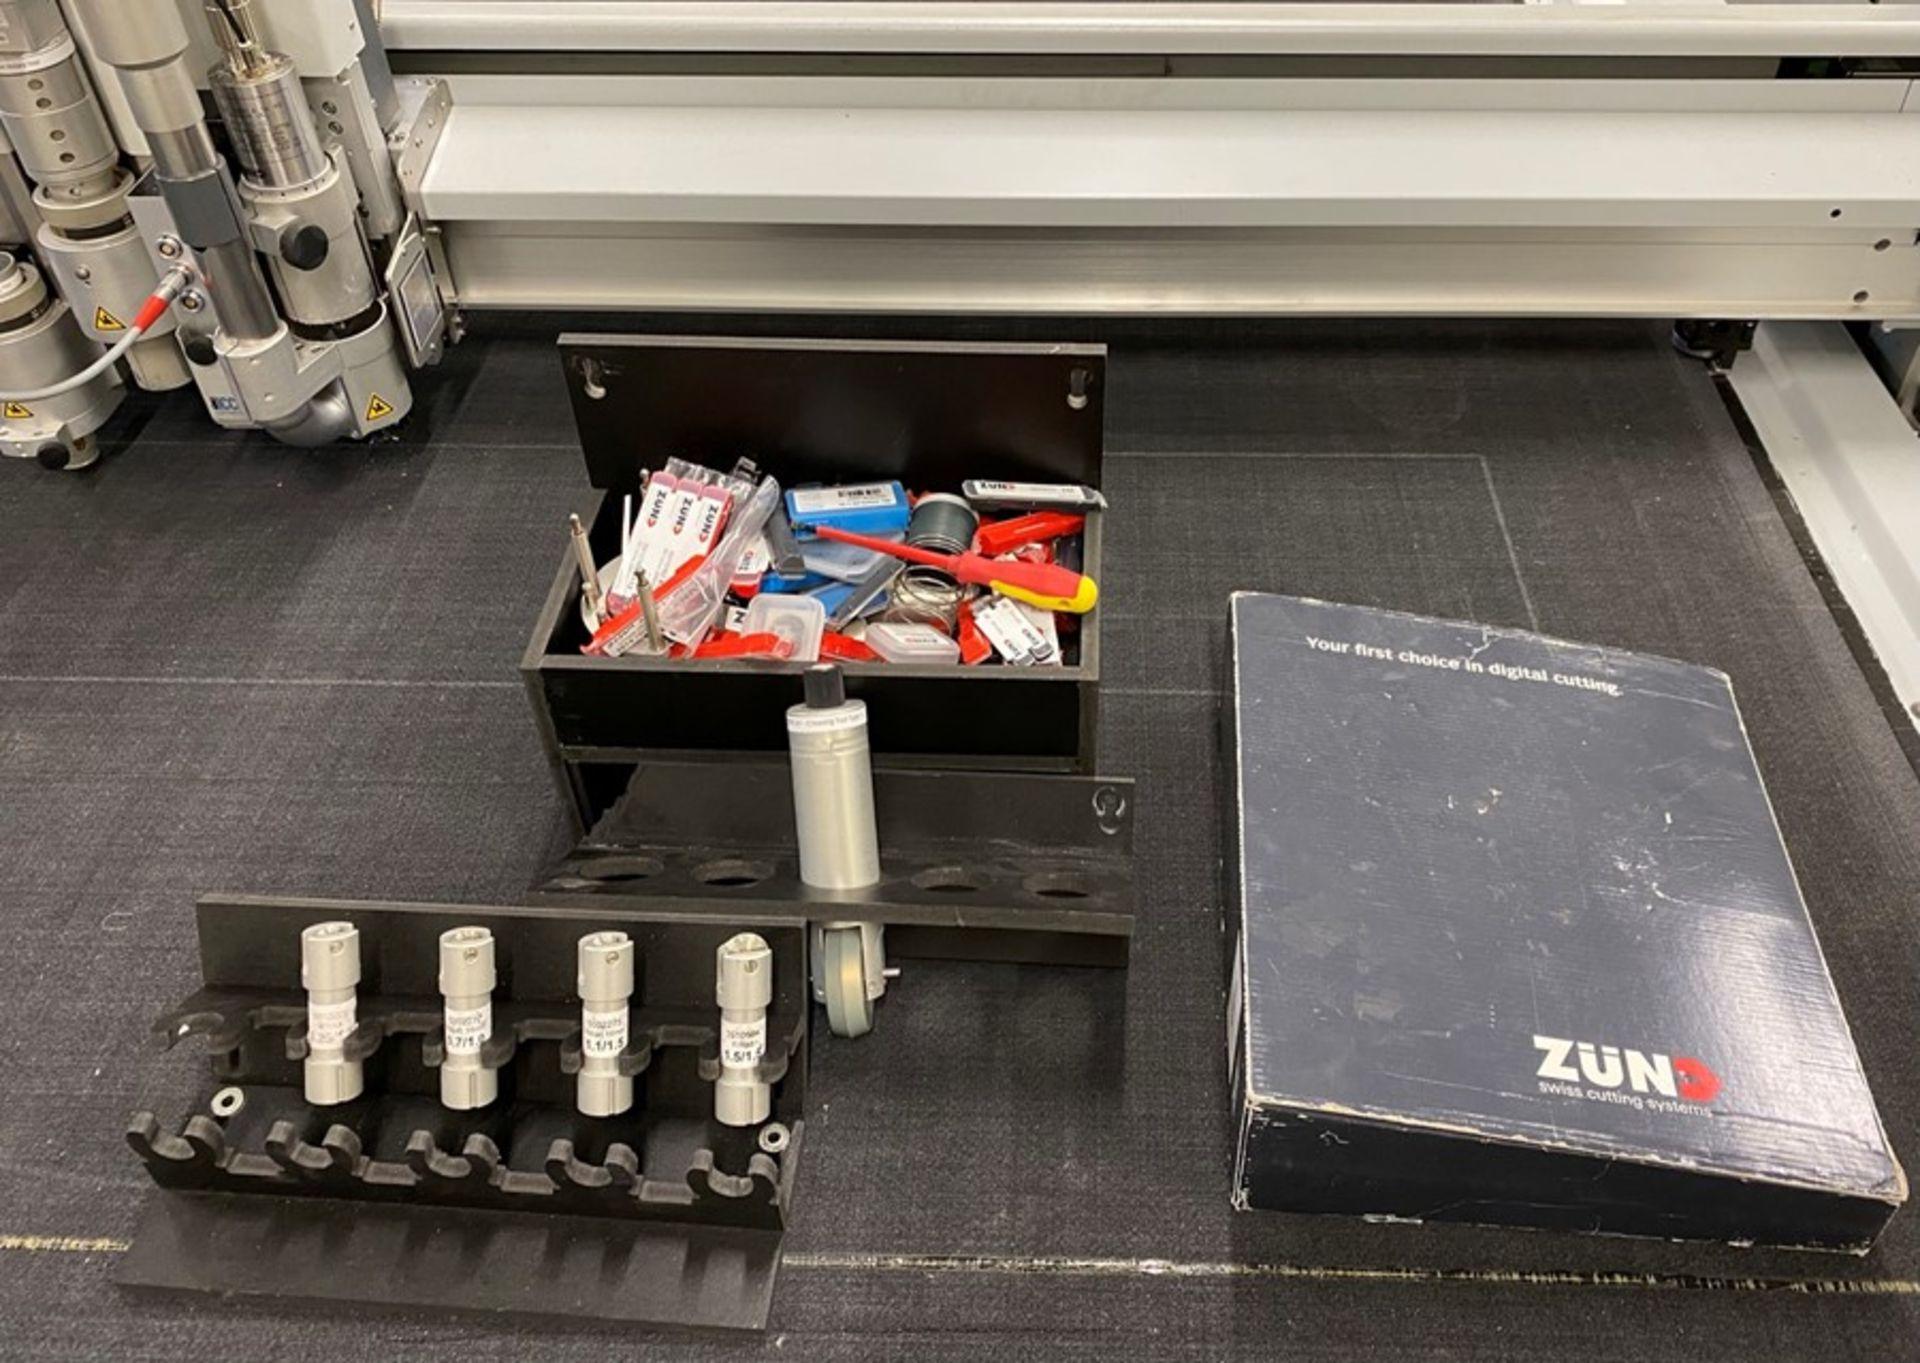 Zund G3 3XL-3200CV digital cutter (2014) - Image 35 of 37